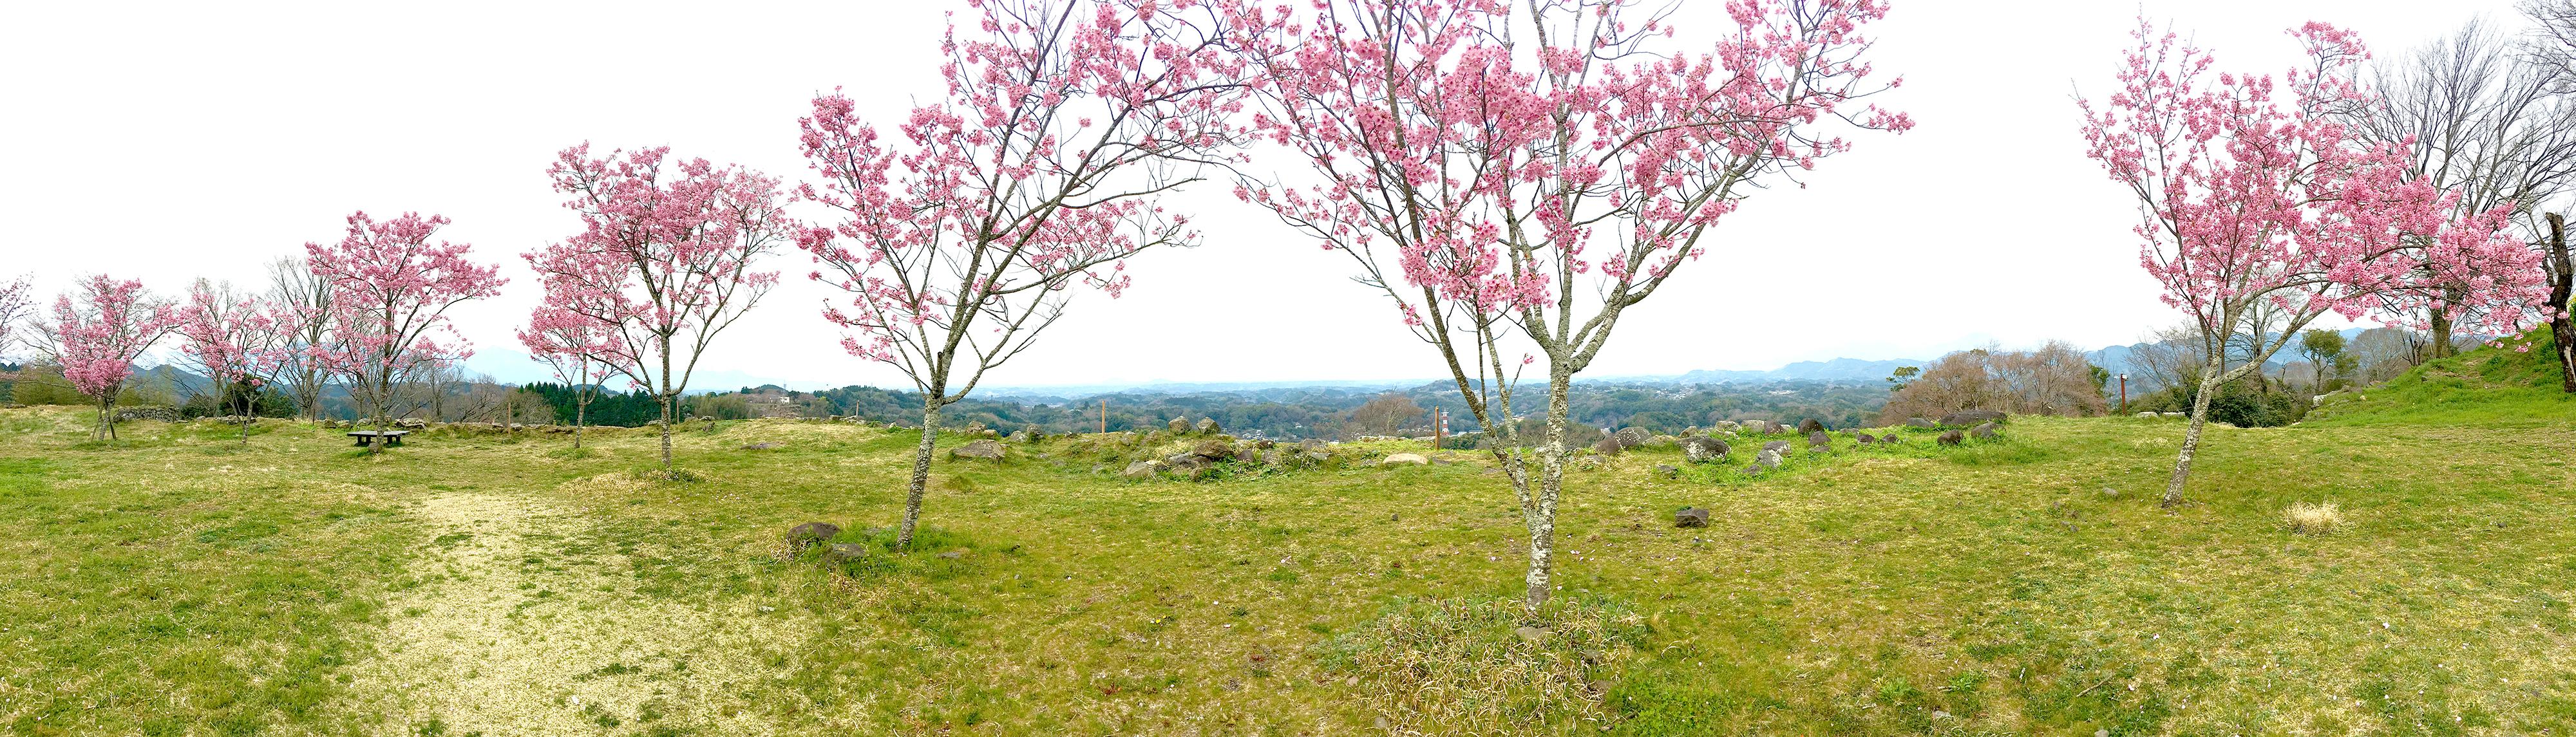 桜と、阿蘇山、くじゅう連山、祖母山を一望できる西の丸